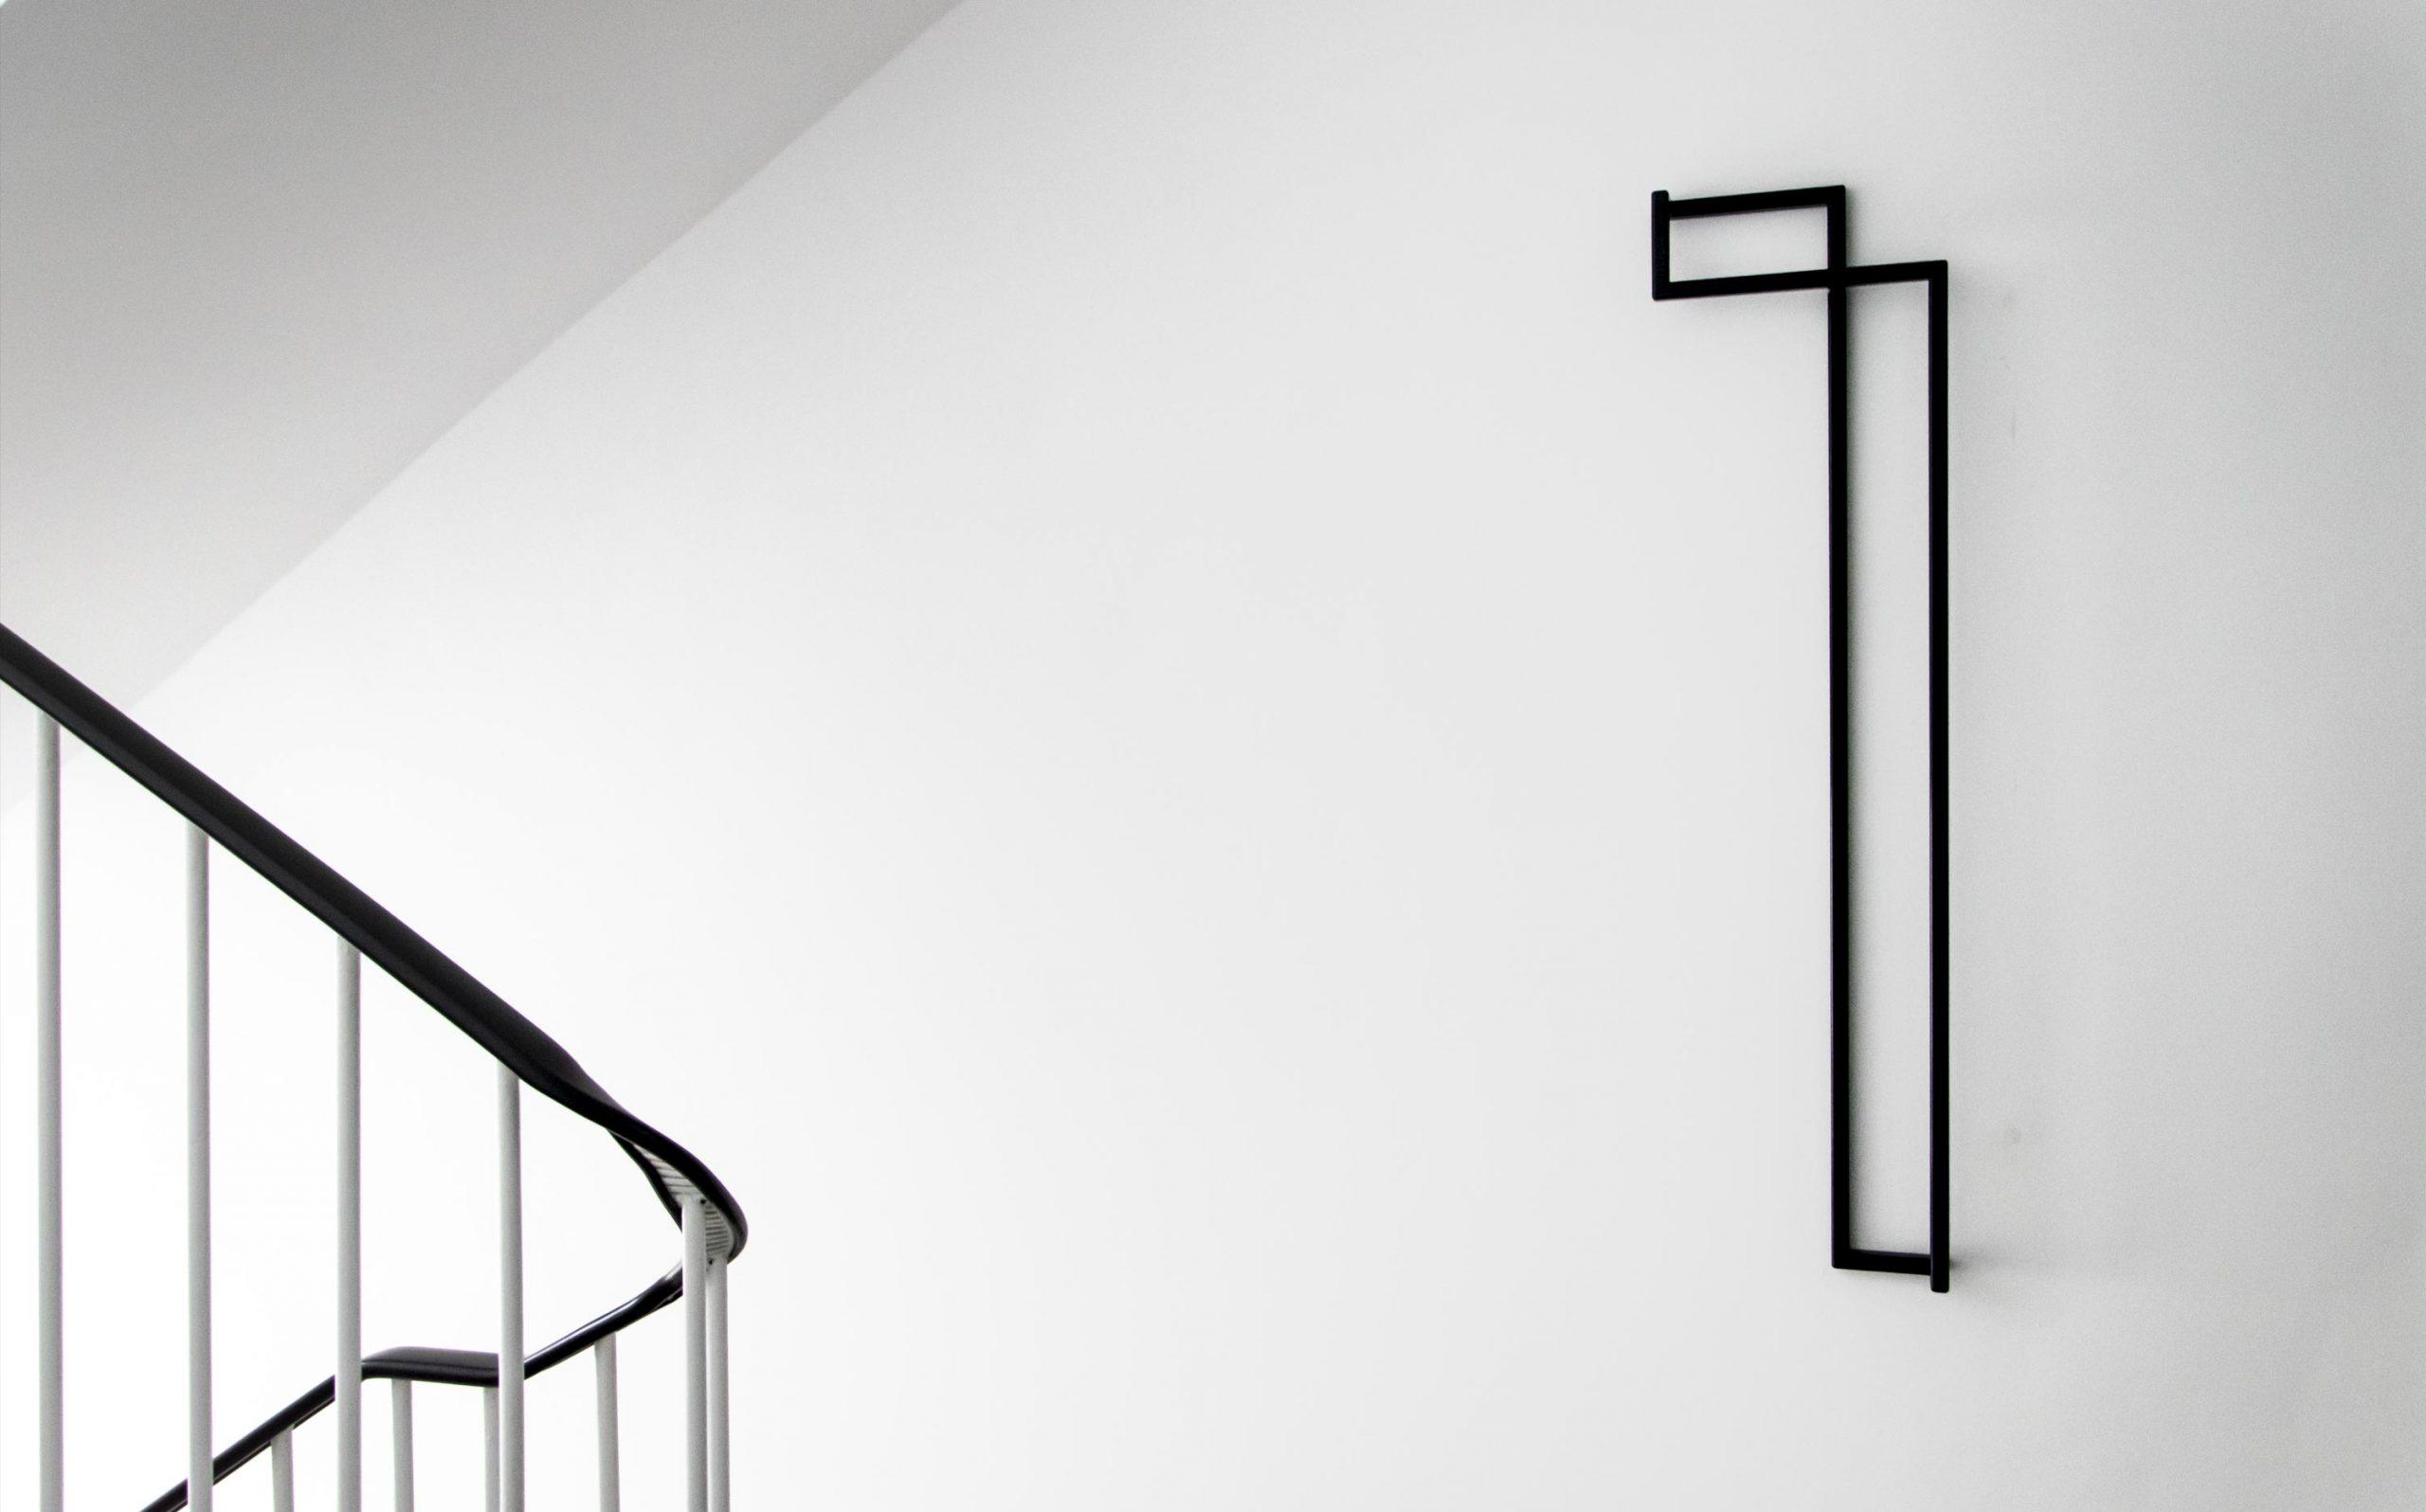 Etagenkennzeichnung für das Rechenzentrum der Finanzverwaltung des Landes Nordrhein-Westfalen | Etagenziffer OG1 | Keywords: Etagenkennzeichnung, Signaletik, Leitsystem, Orientierungssystem, Design, Grafikdesign, Typografie